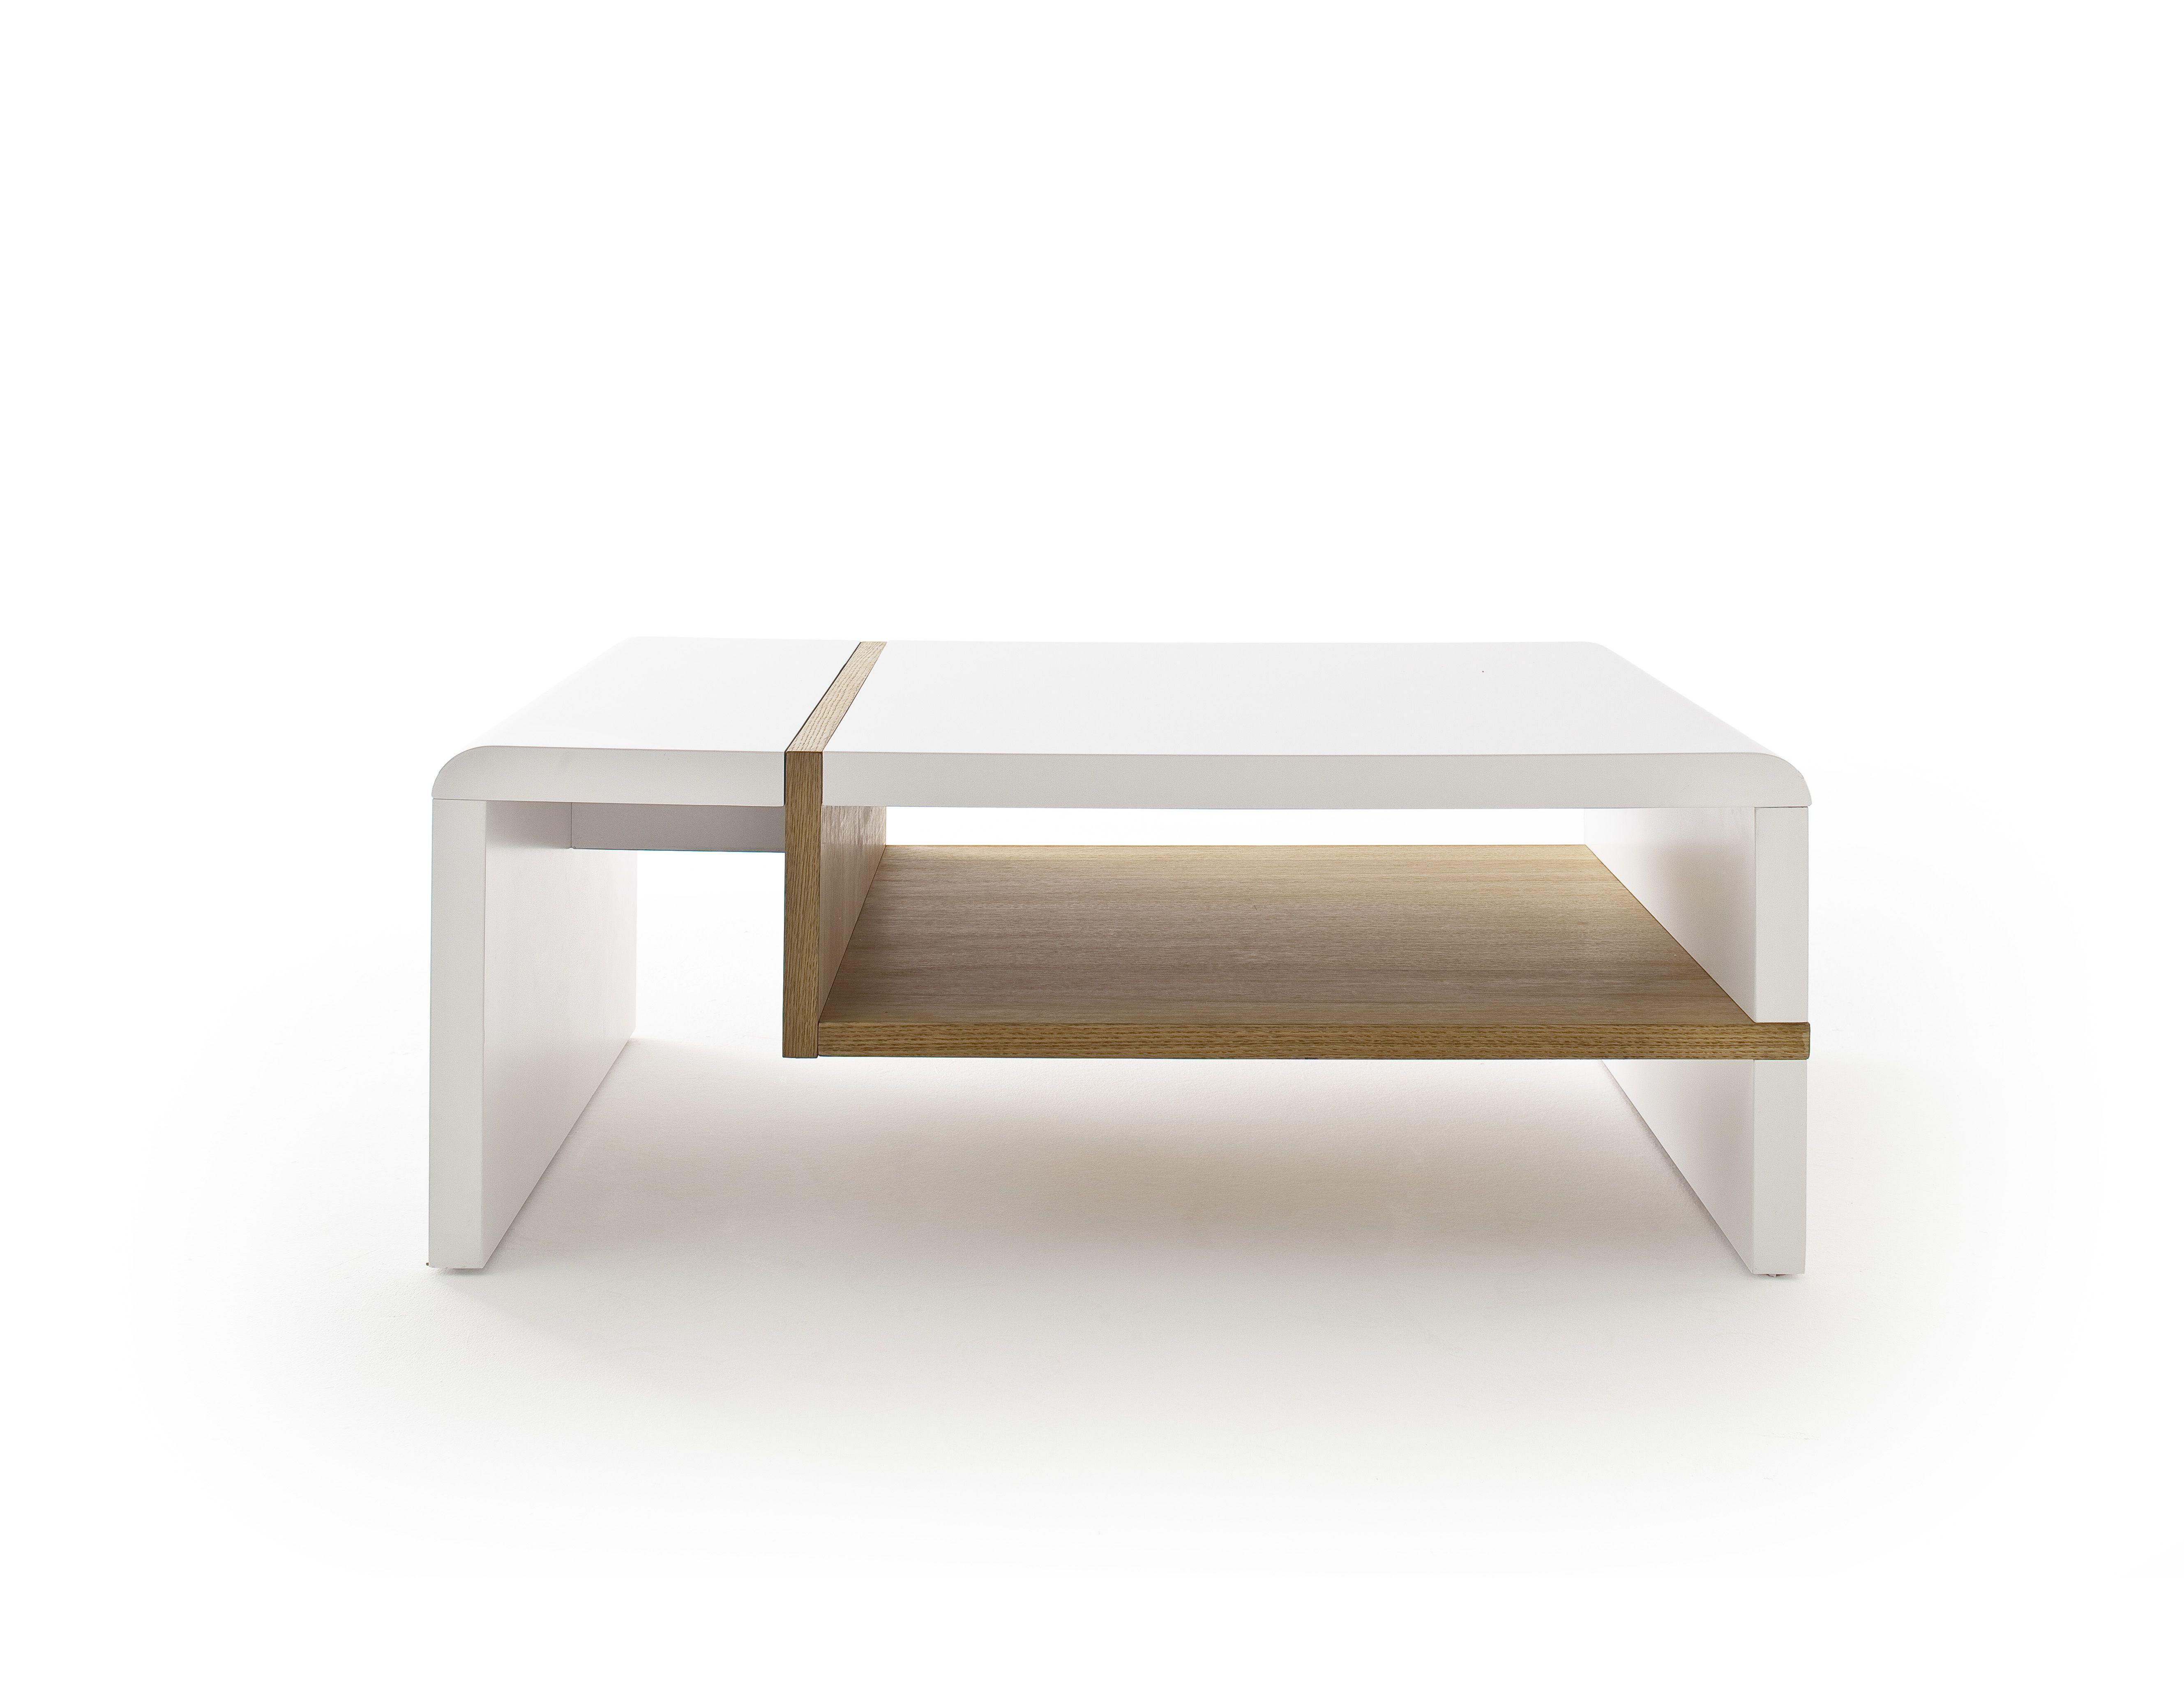 couchtisch weiss asteiche woody 41 02872 weiss eiche holz modern jetzt bestellen unter https. Black Bedroom Furniture Sets. Home Design Ideas